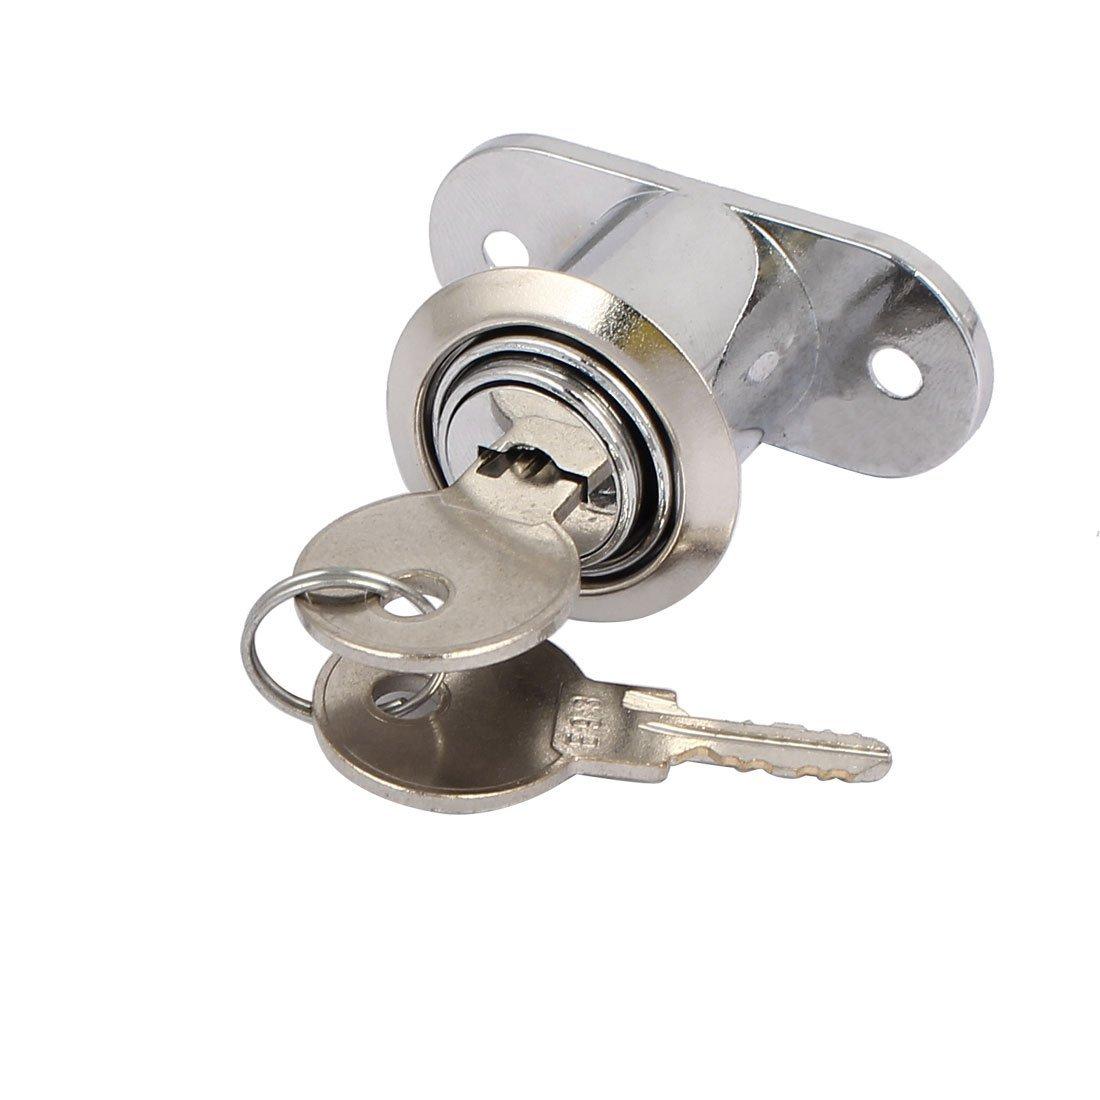 eDealMax Gabinete Armario puerta corrediza de 22 mm x 24 mm Cilindro con llave de bloqueo de seguridad diferente - - Amazon.com